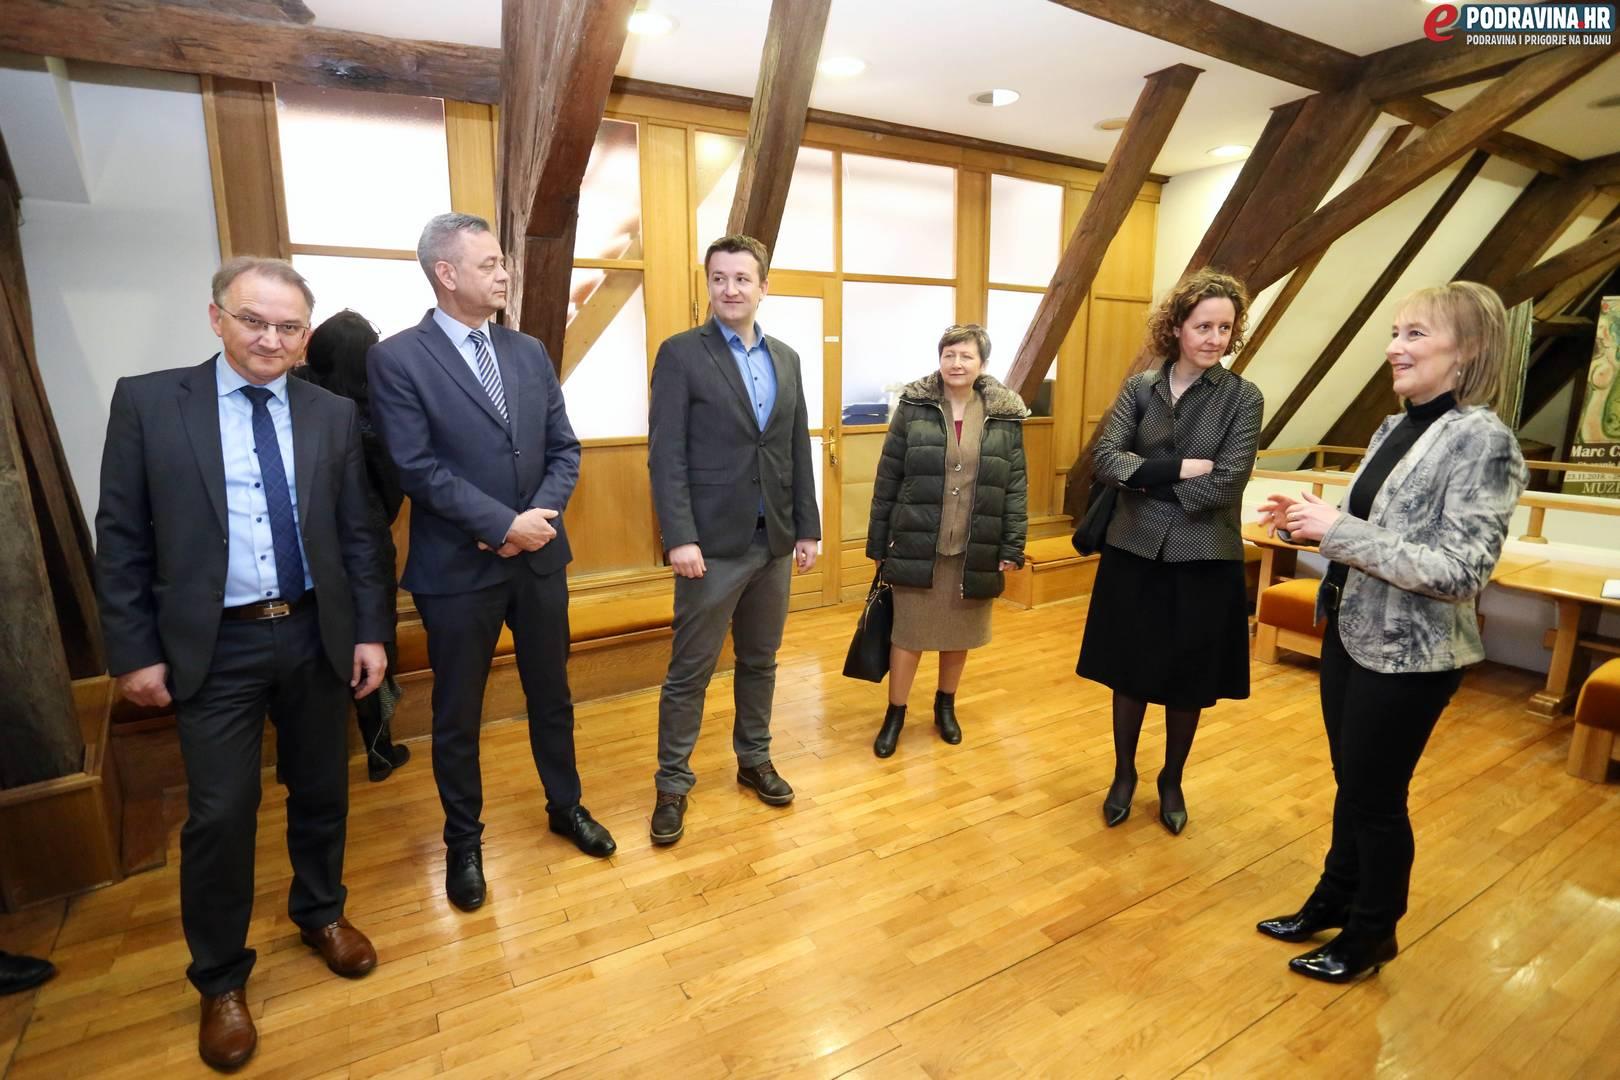 Ministrica kulture Nina Obuljen Koržinek // Foto: Matija Gudlin